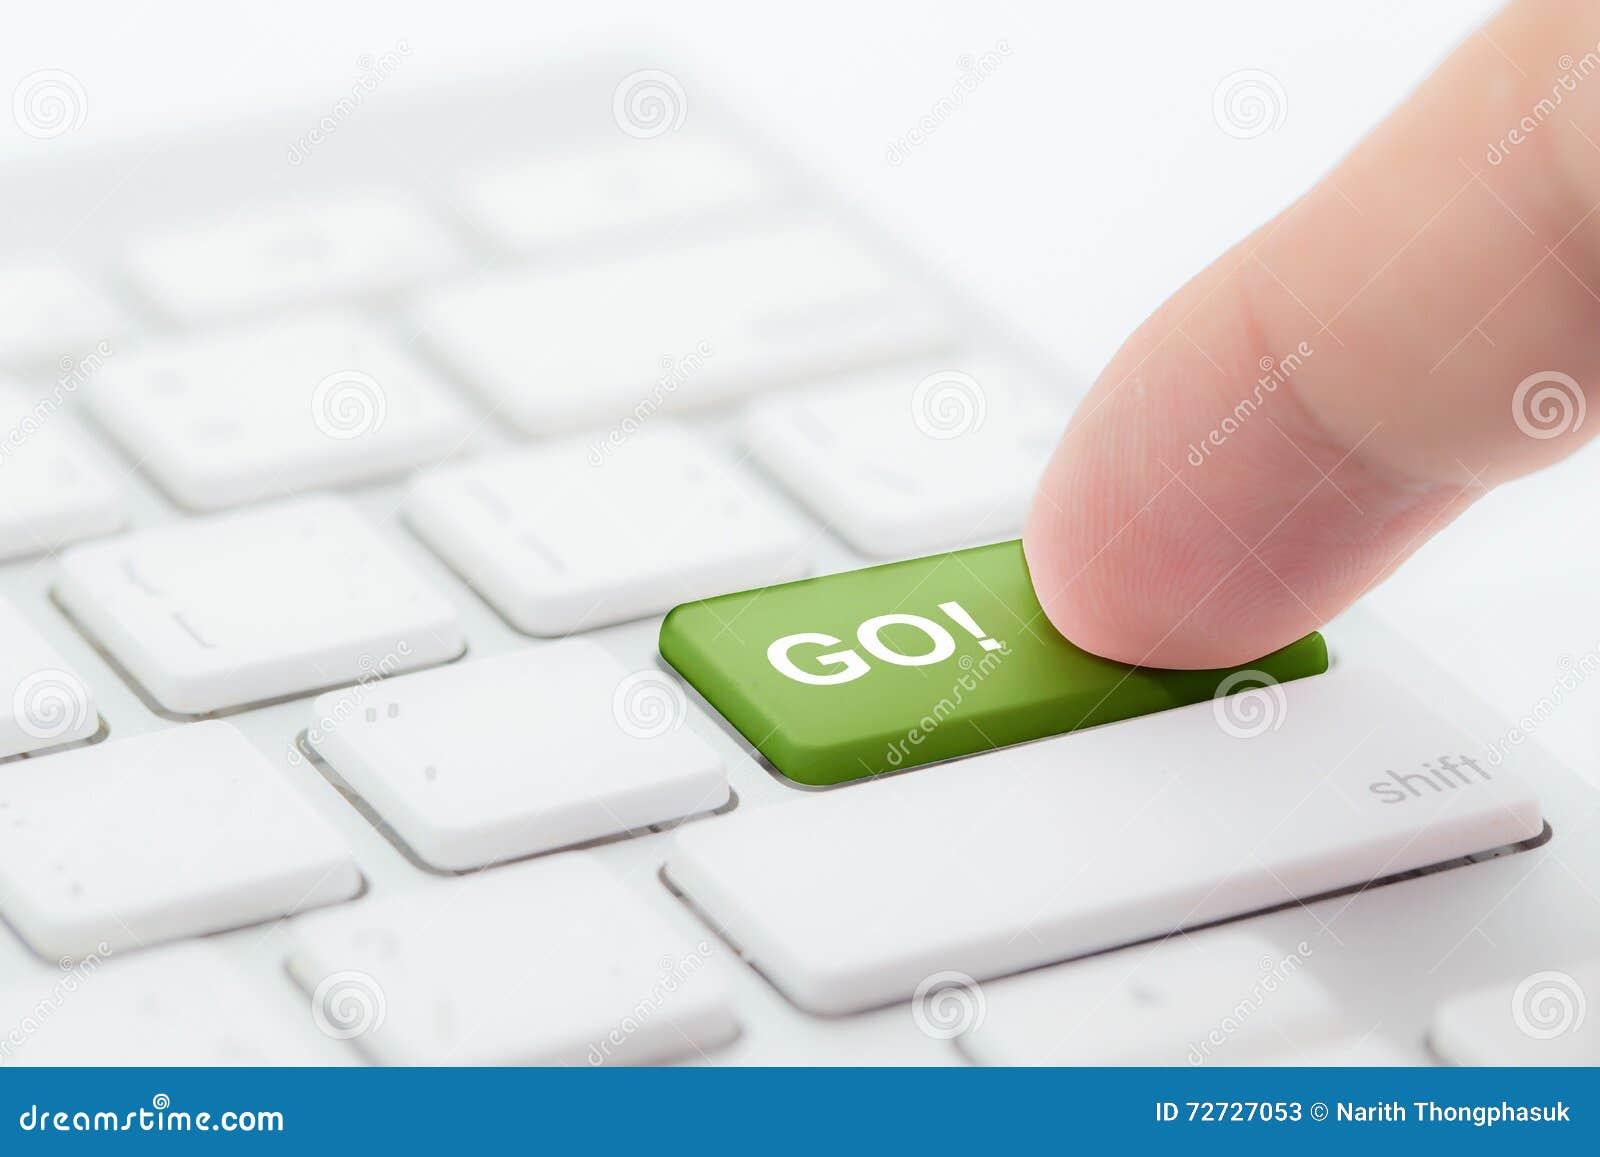 Нажатие руки идет зеленая кнопка